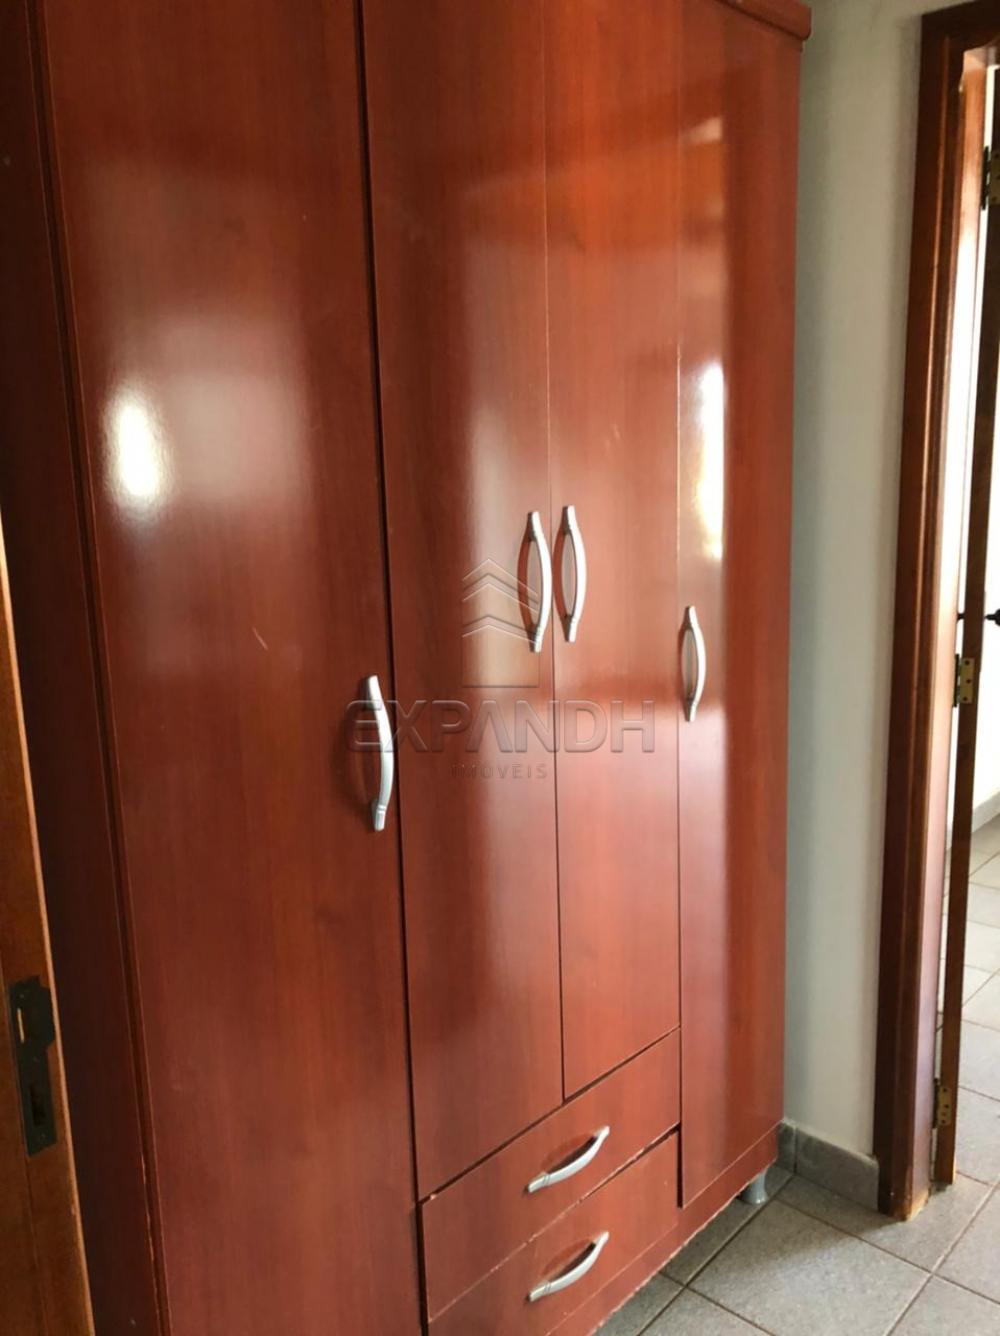 Alugar Casas / Padrão em Sertãozinho R$ 2.700,00 - Foto 20